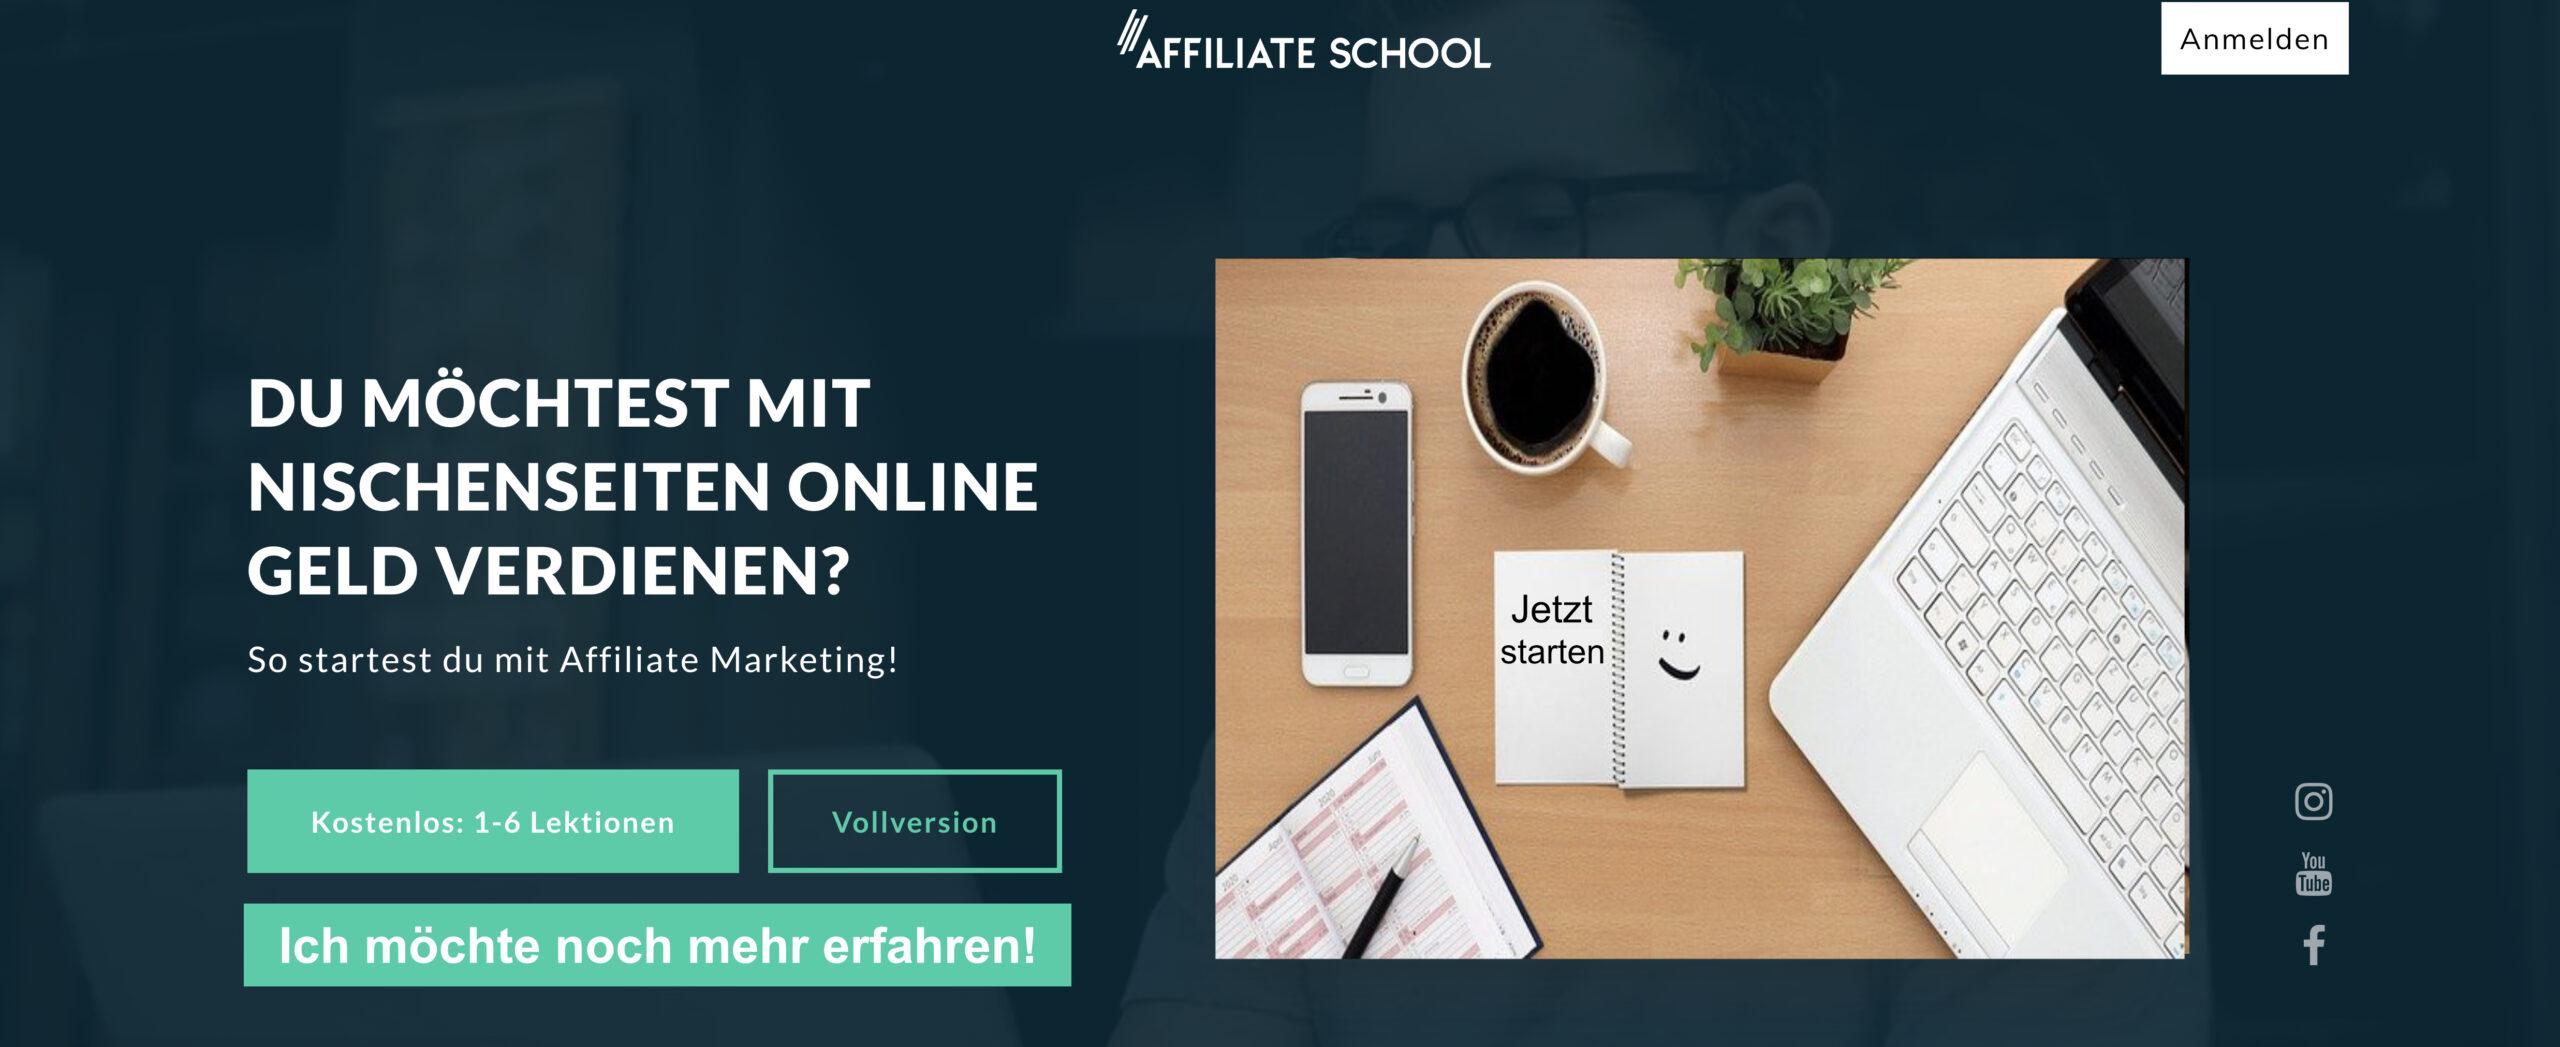 Affiliate Marketing Ausbildung